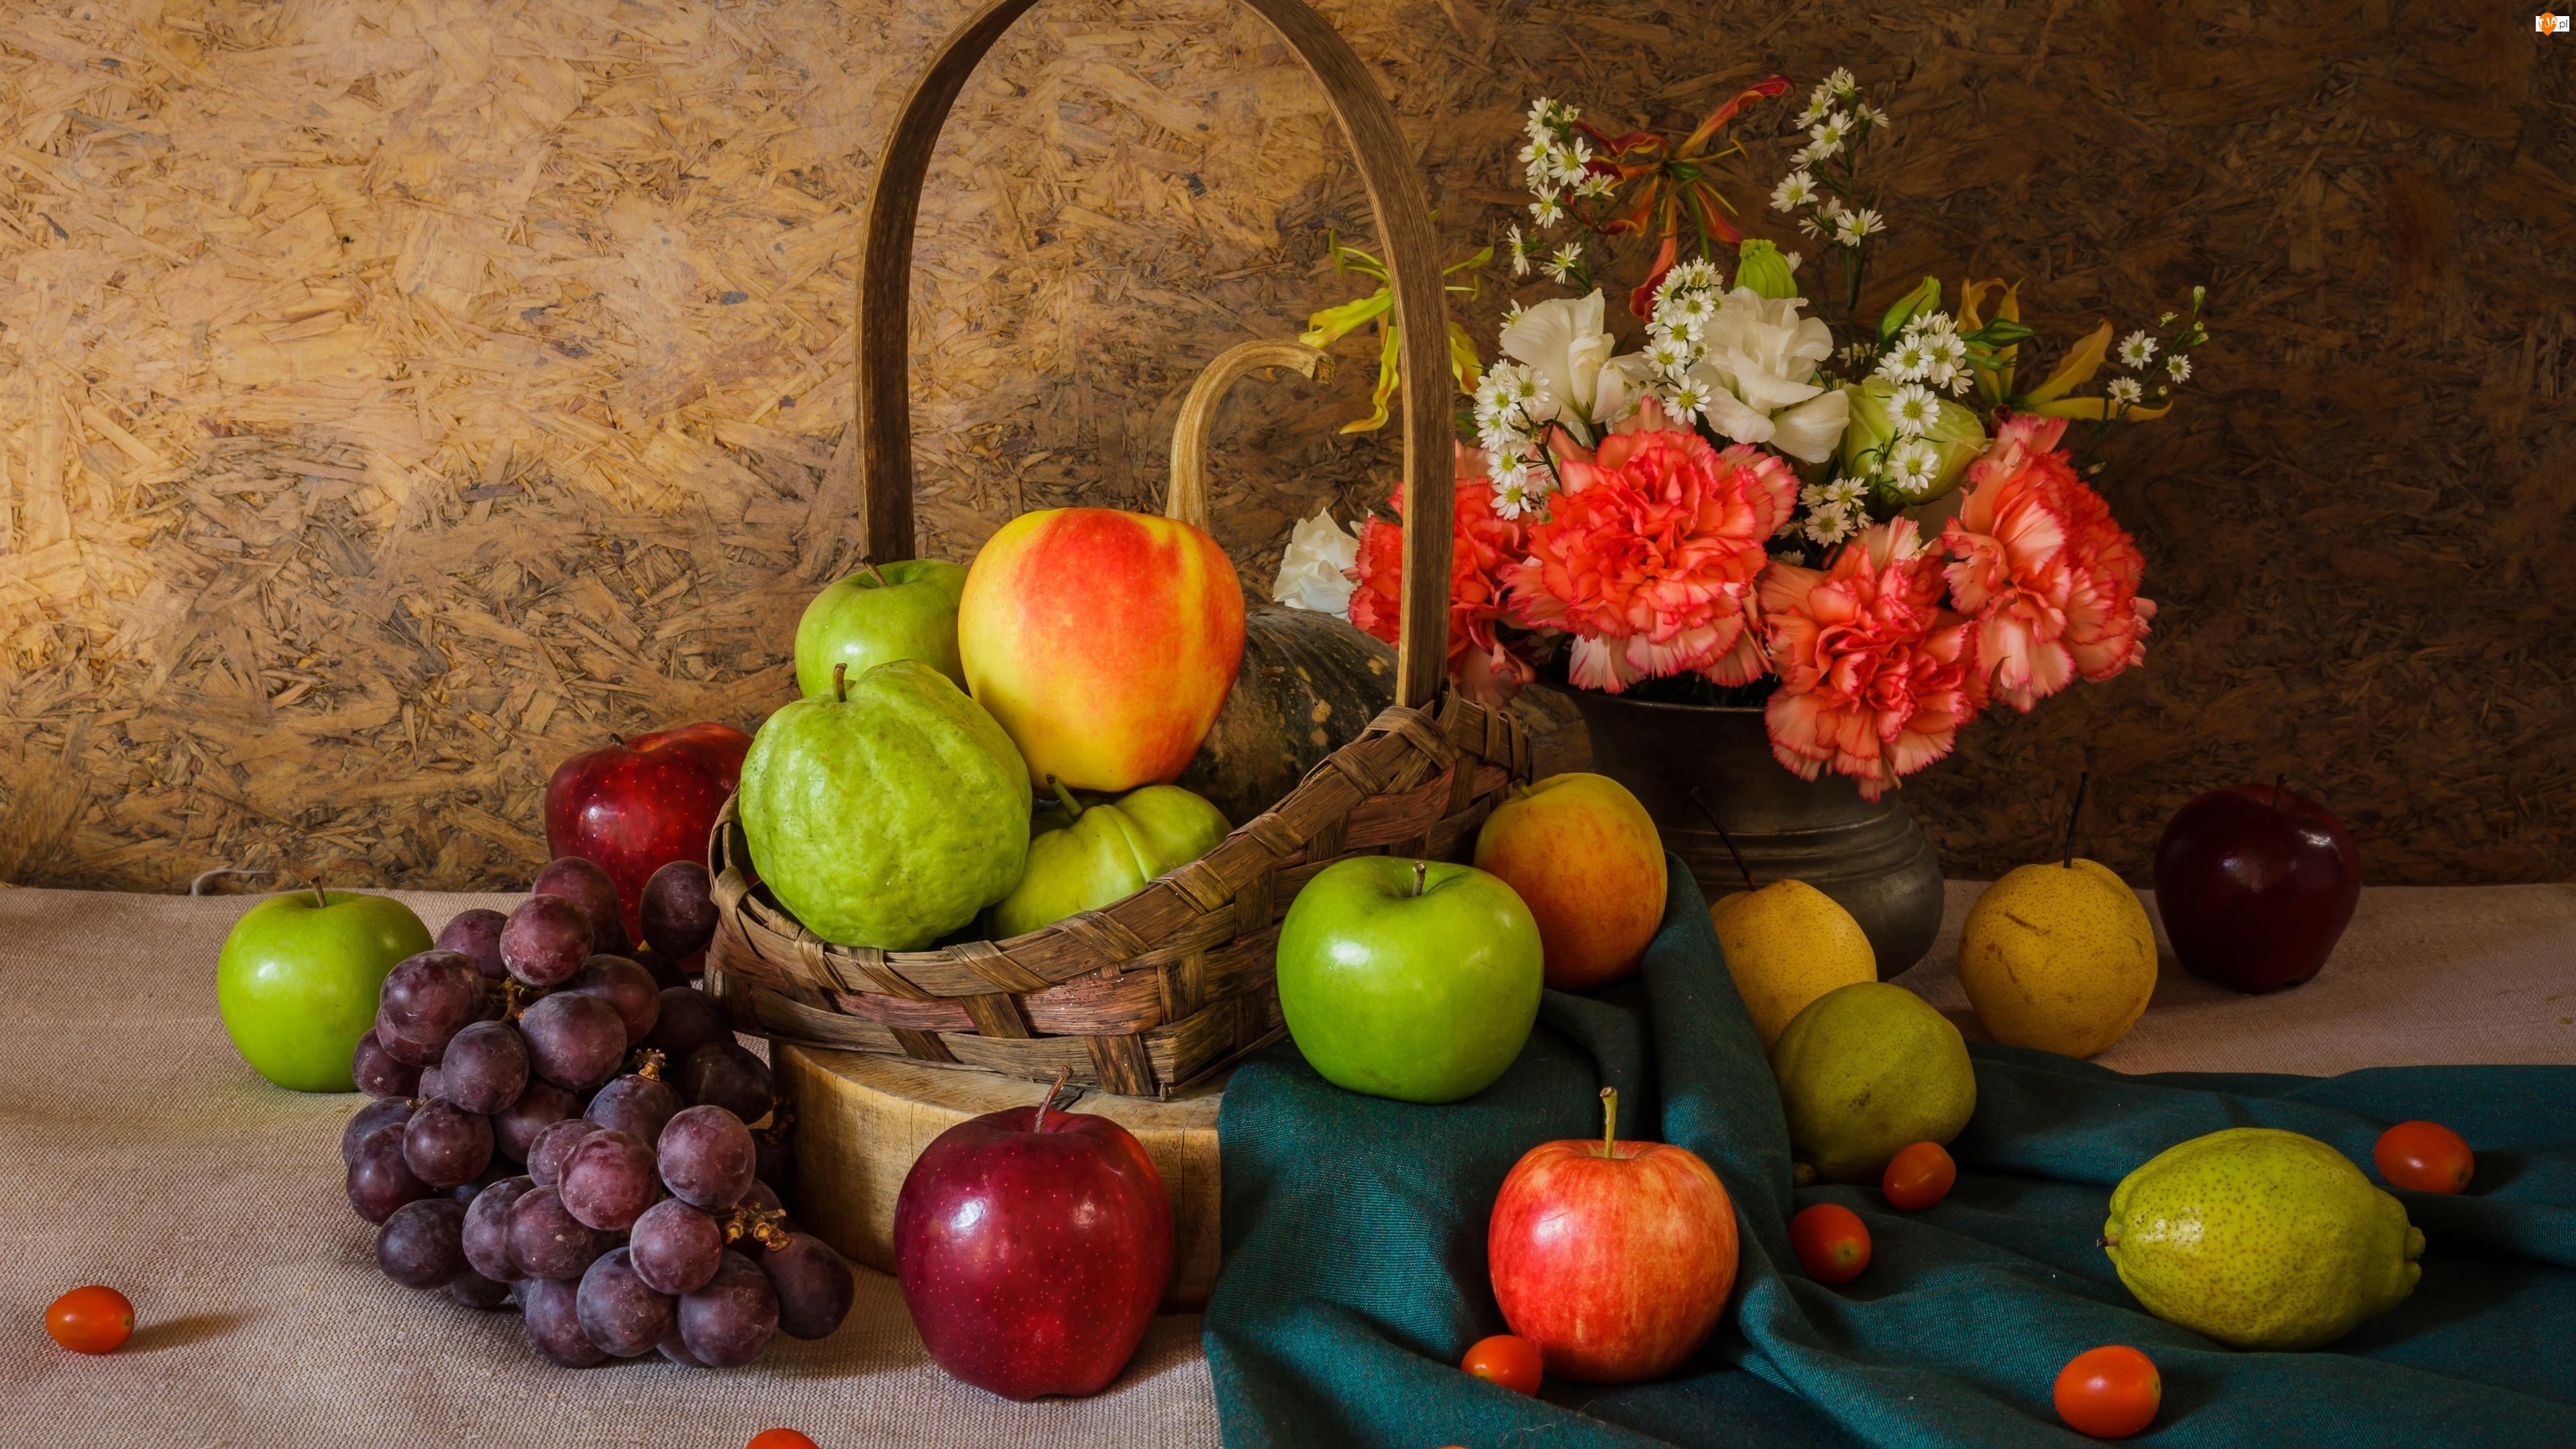 Jabłka, Gruszki, Goździki, Owoce, Bukiet kwiatów, Koszyk, Winogrona